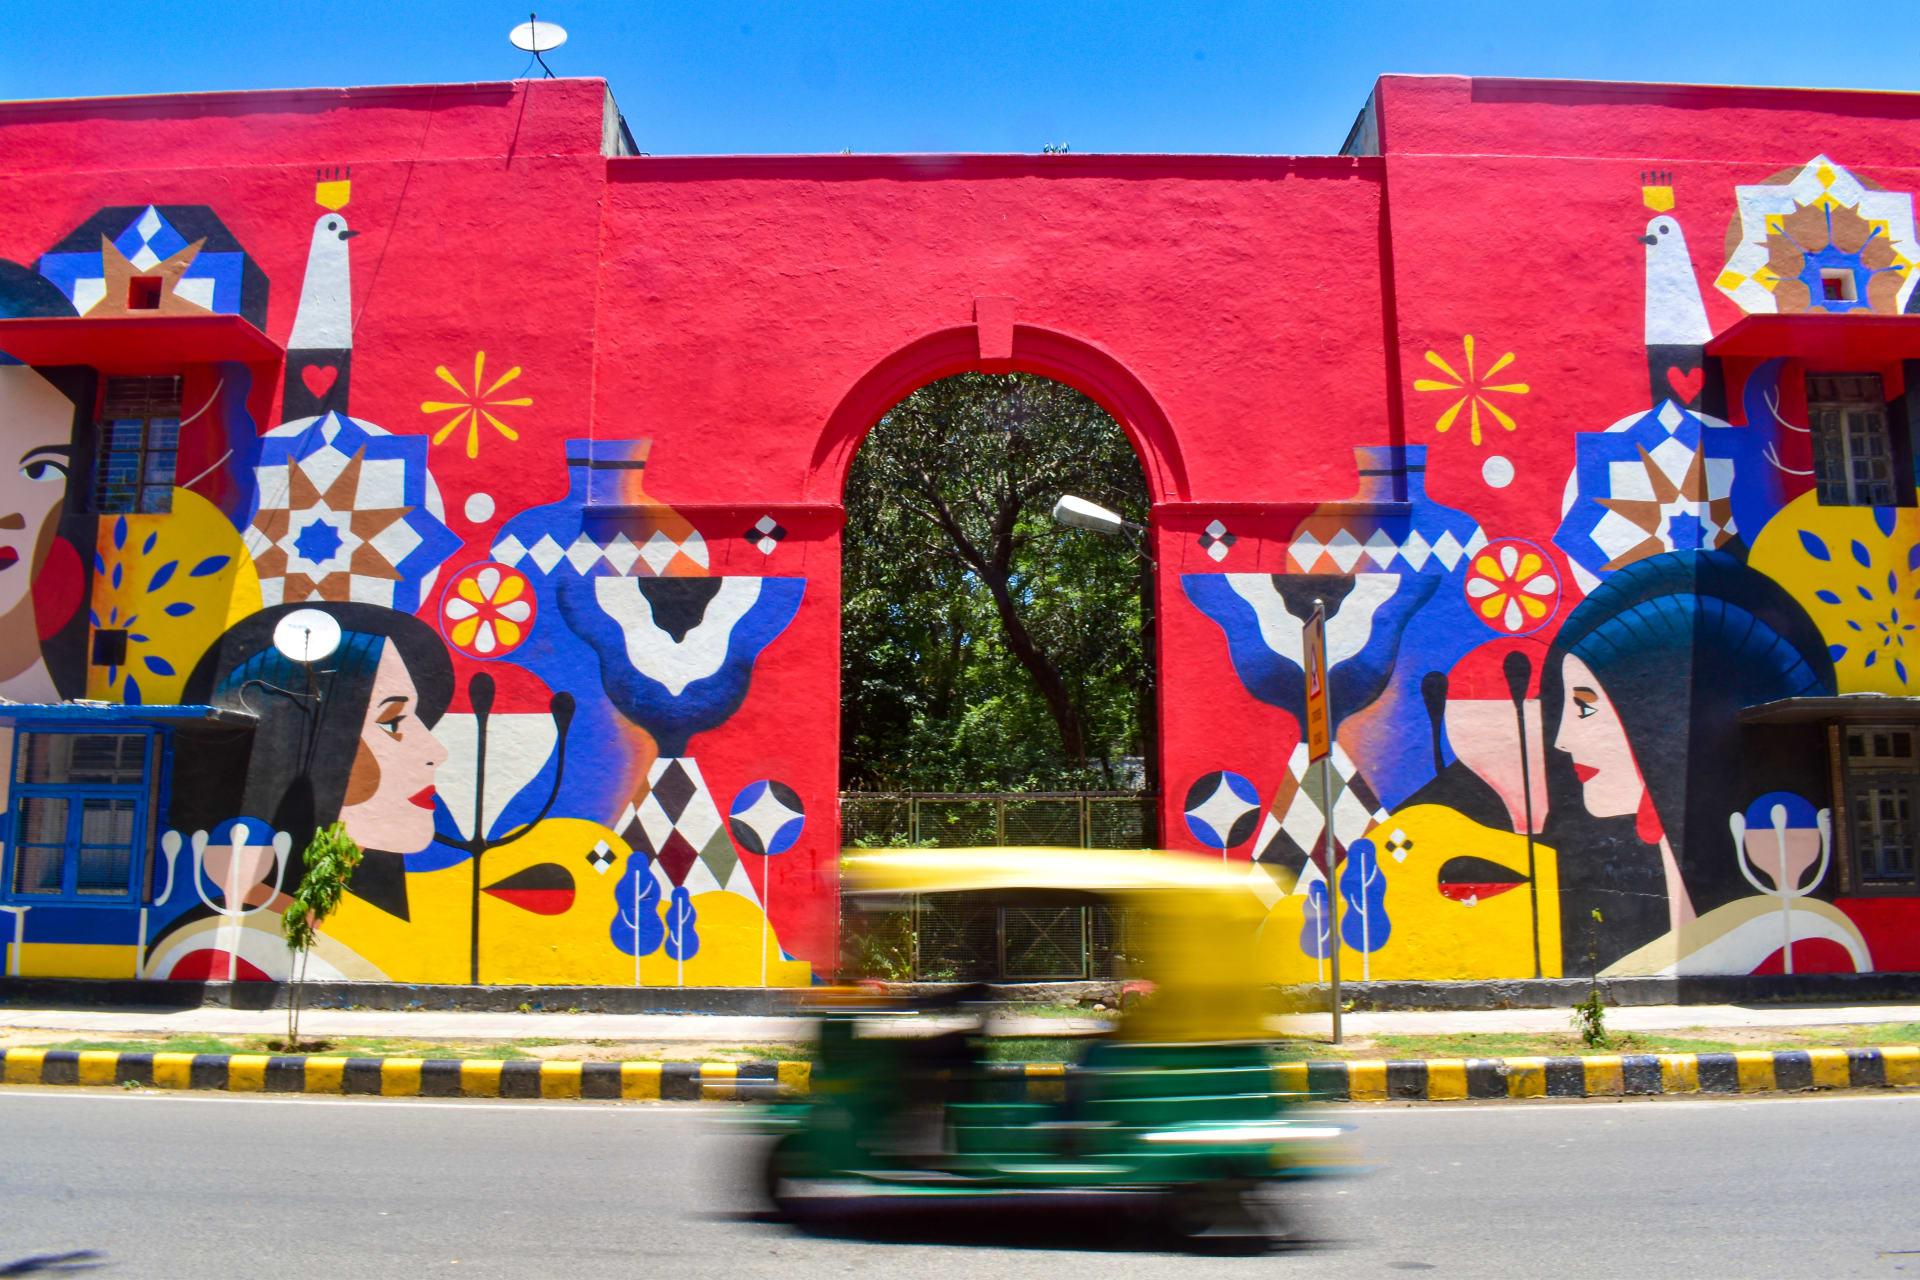 Delhi - A Vibrant Glimpse of Delhi